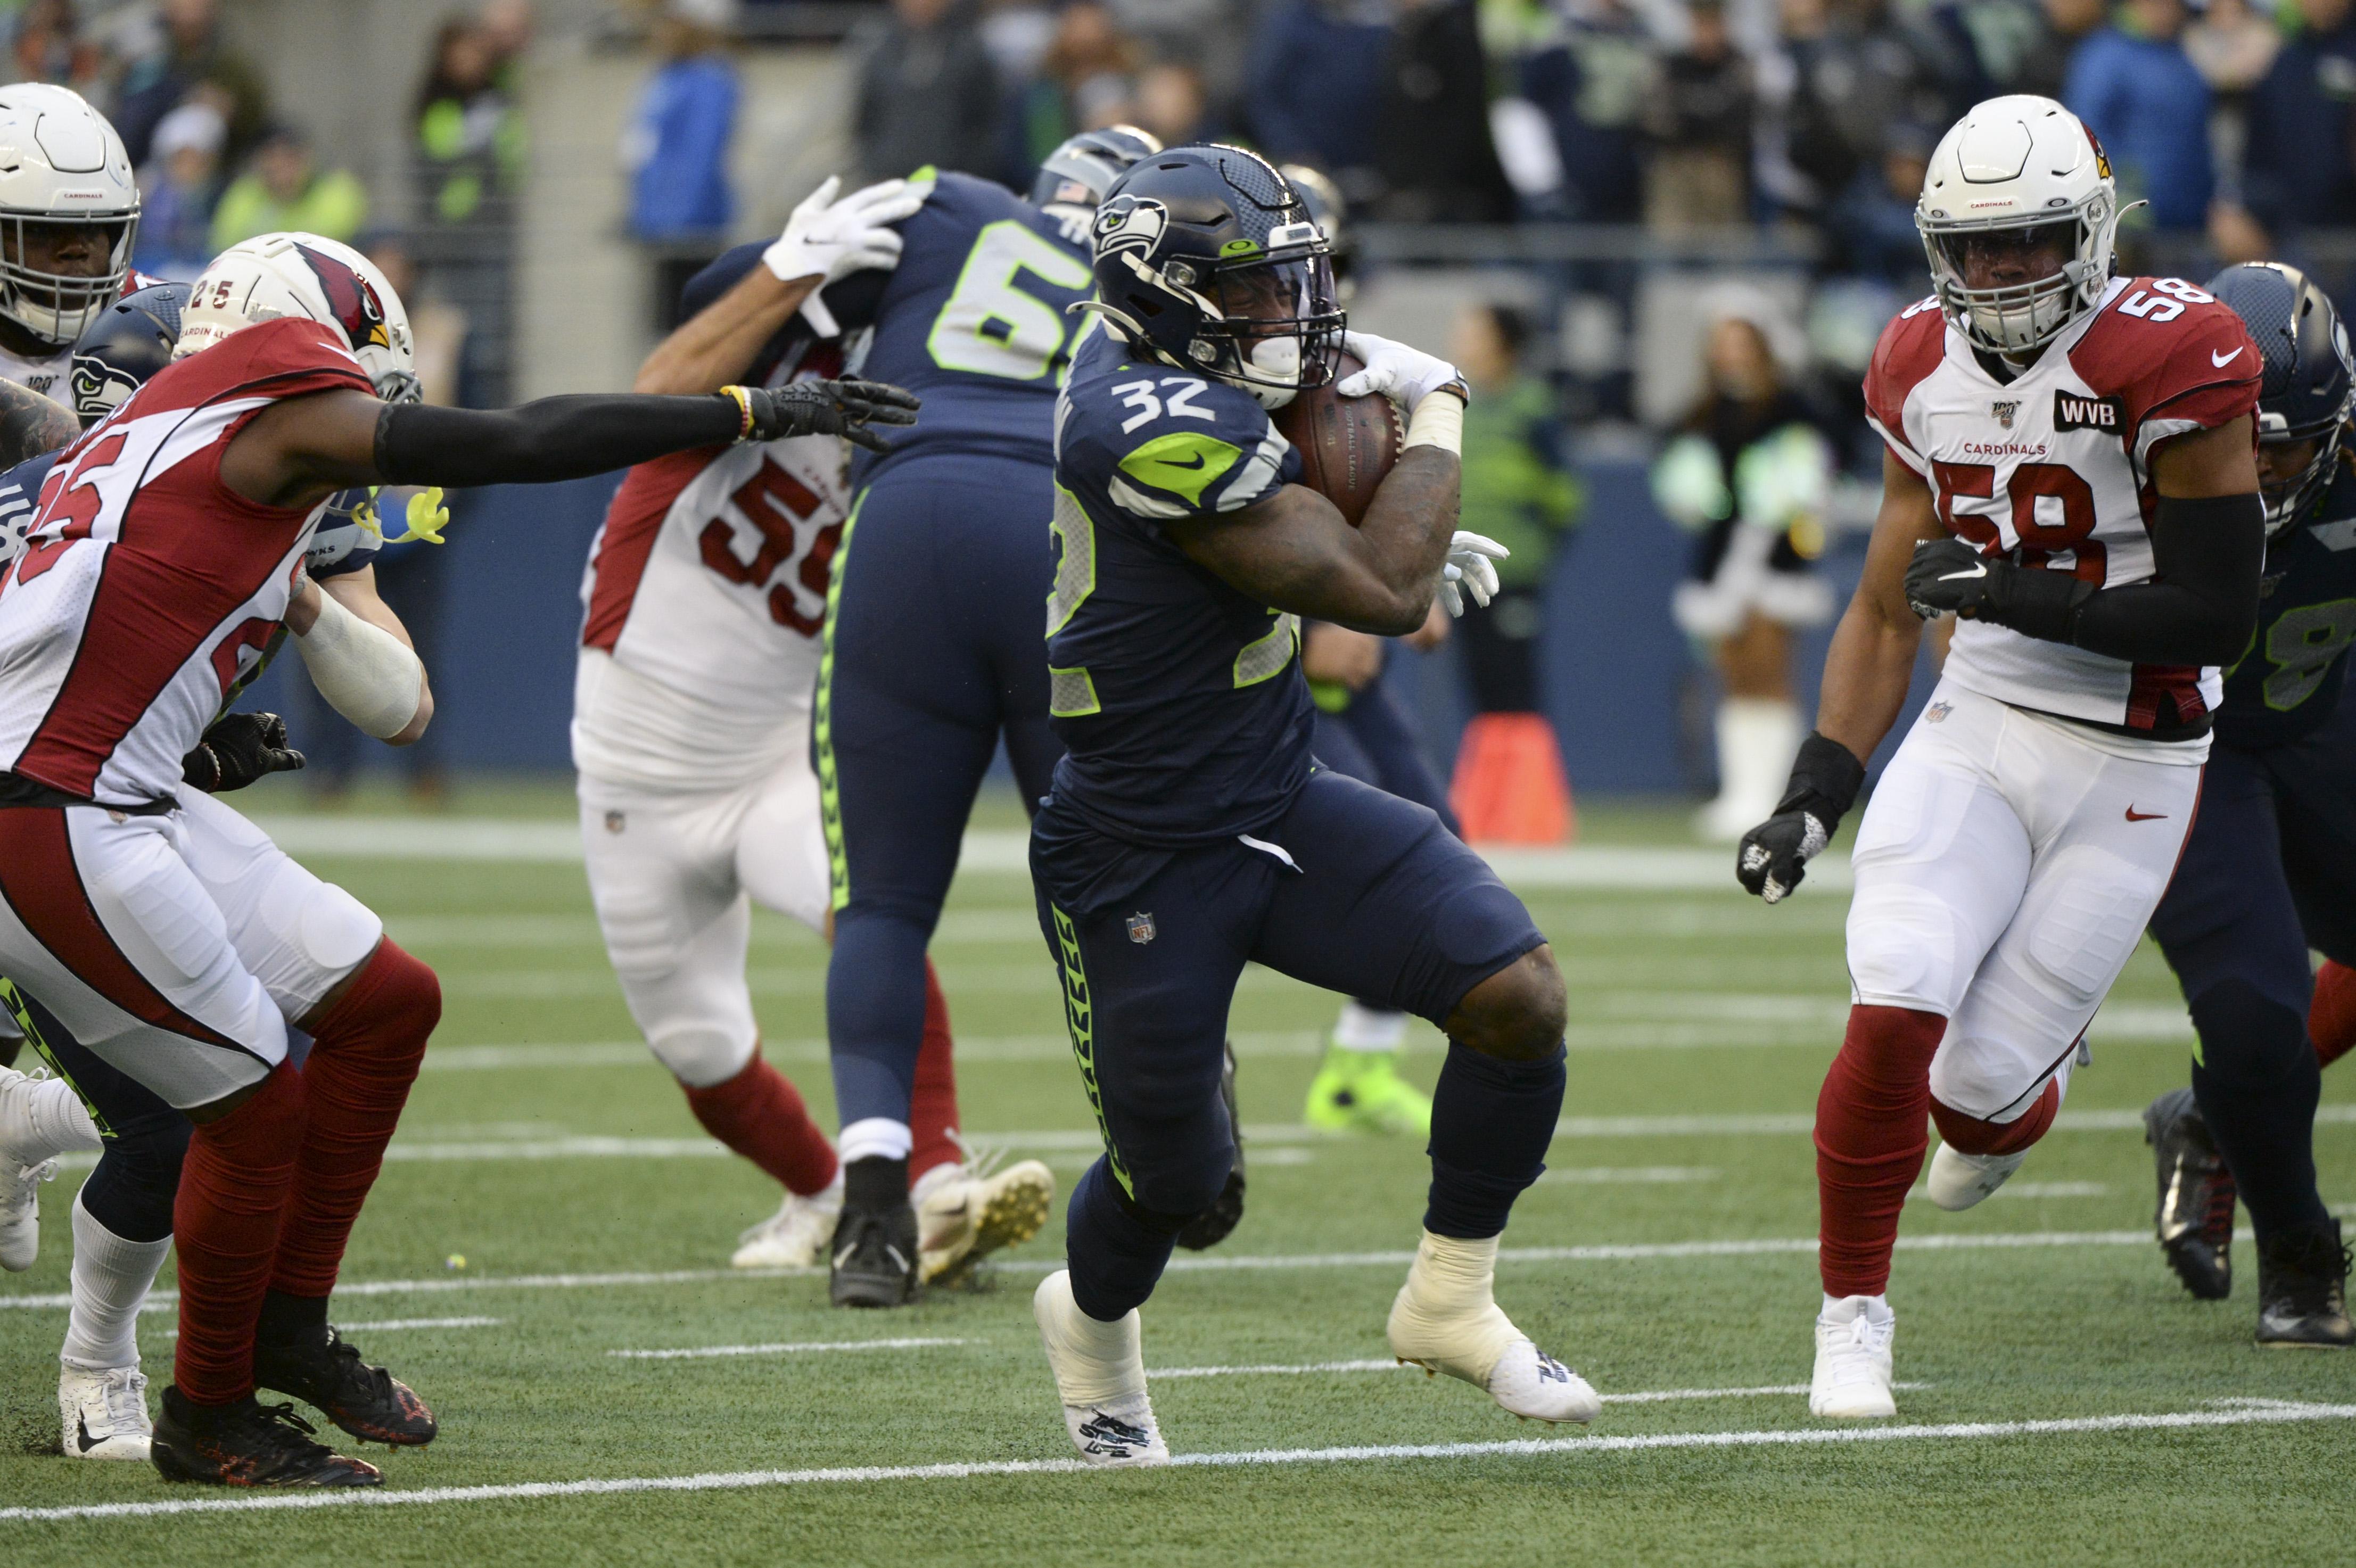 NFL: DEC 22 Cardinals at Seahawks